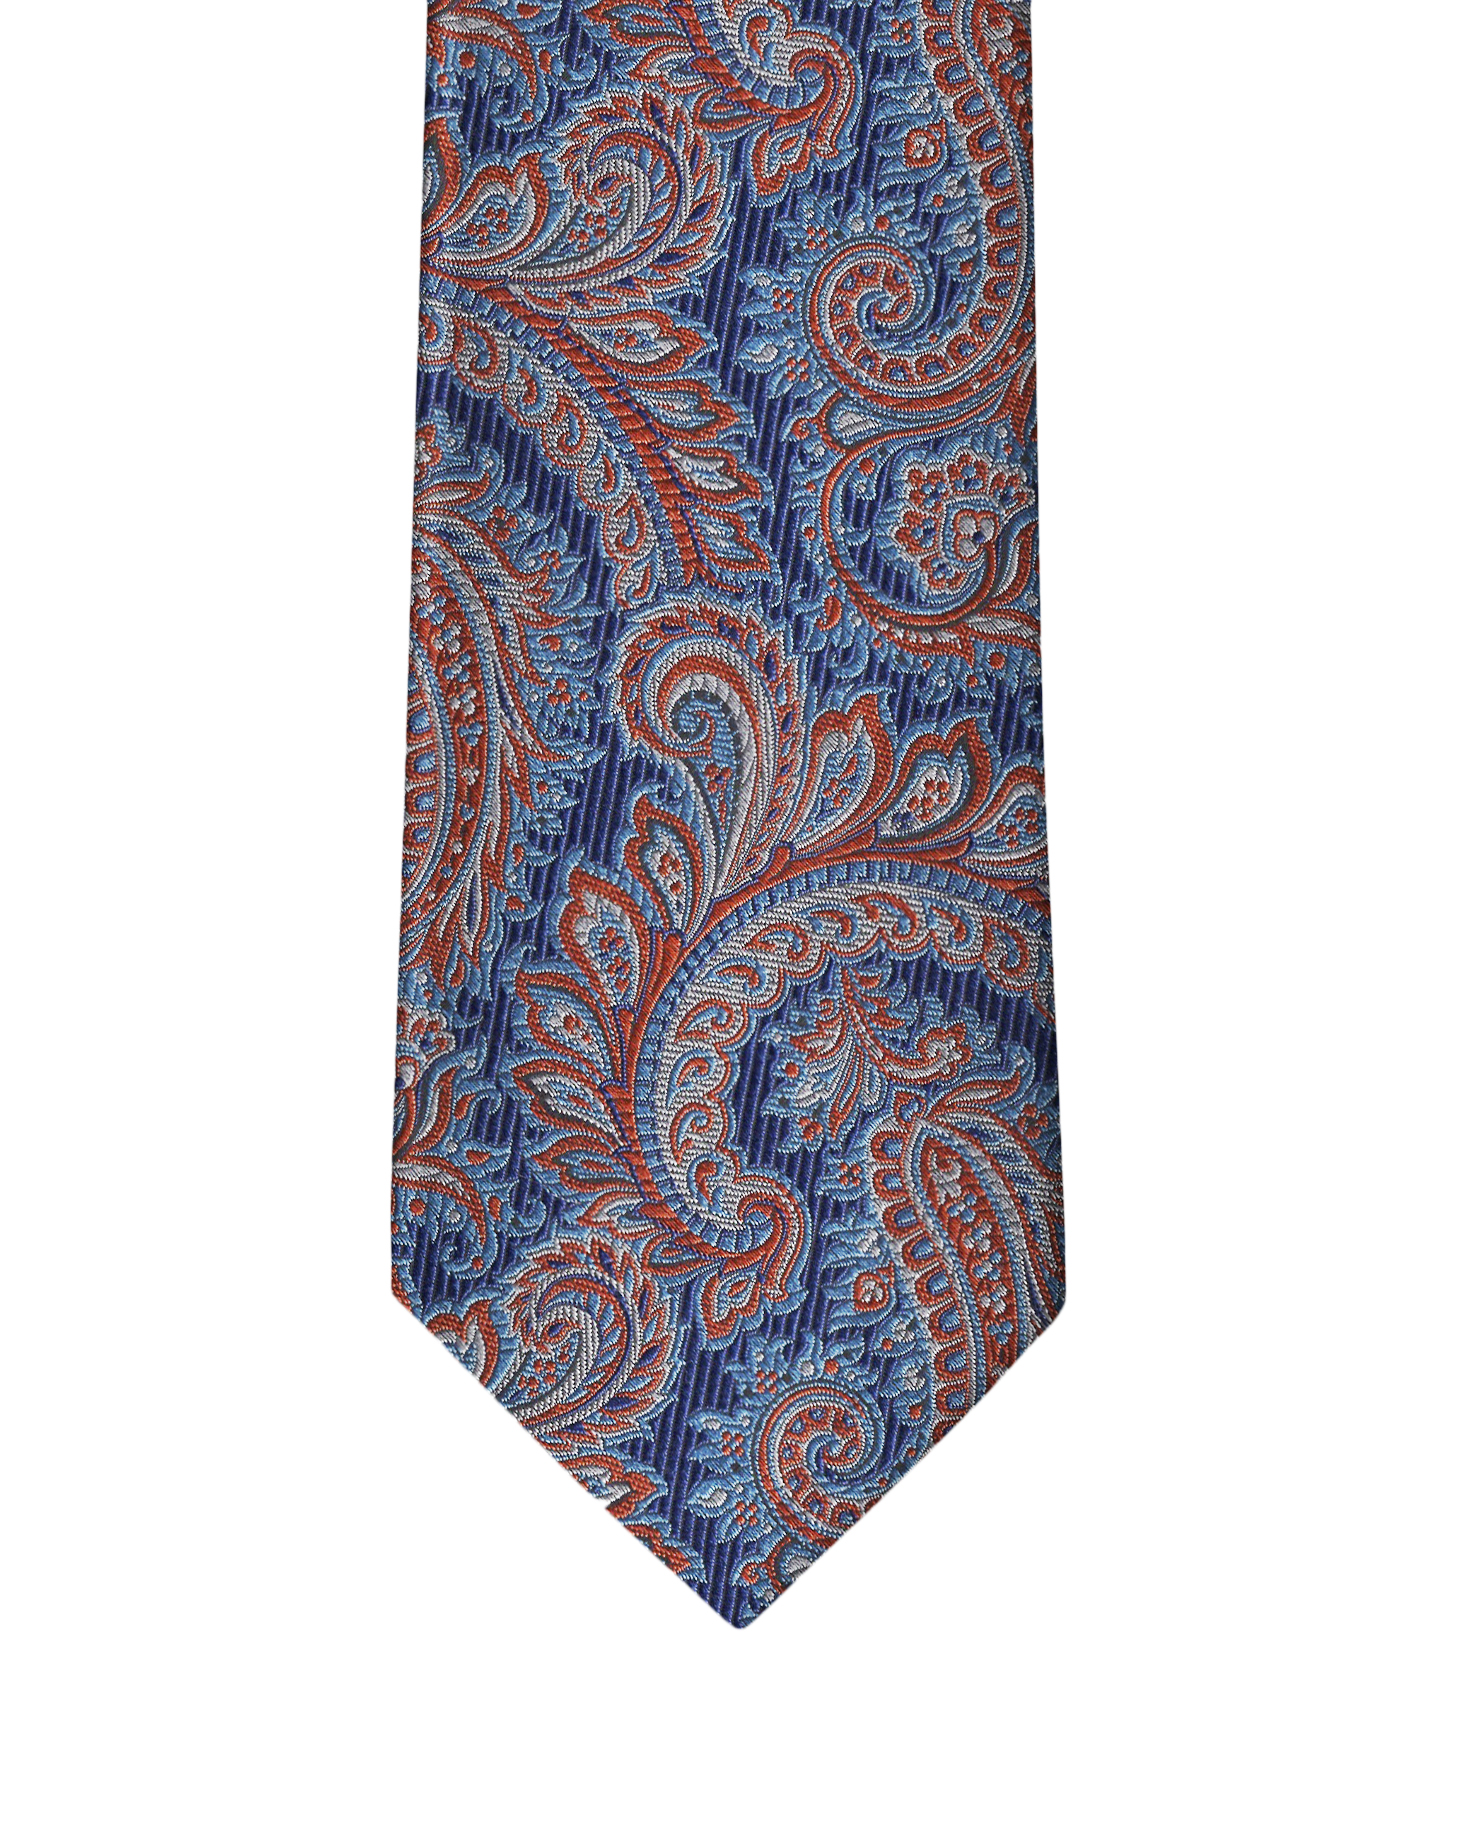 Navy & Orange Paisley Necktie